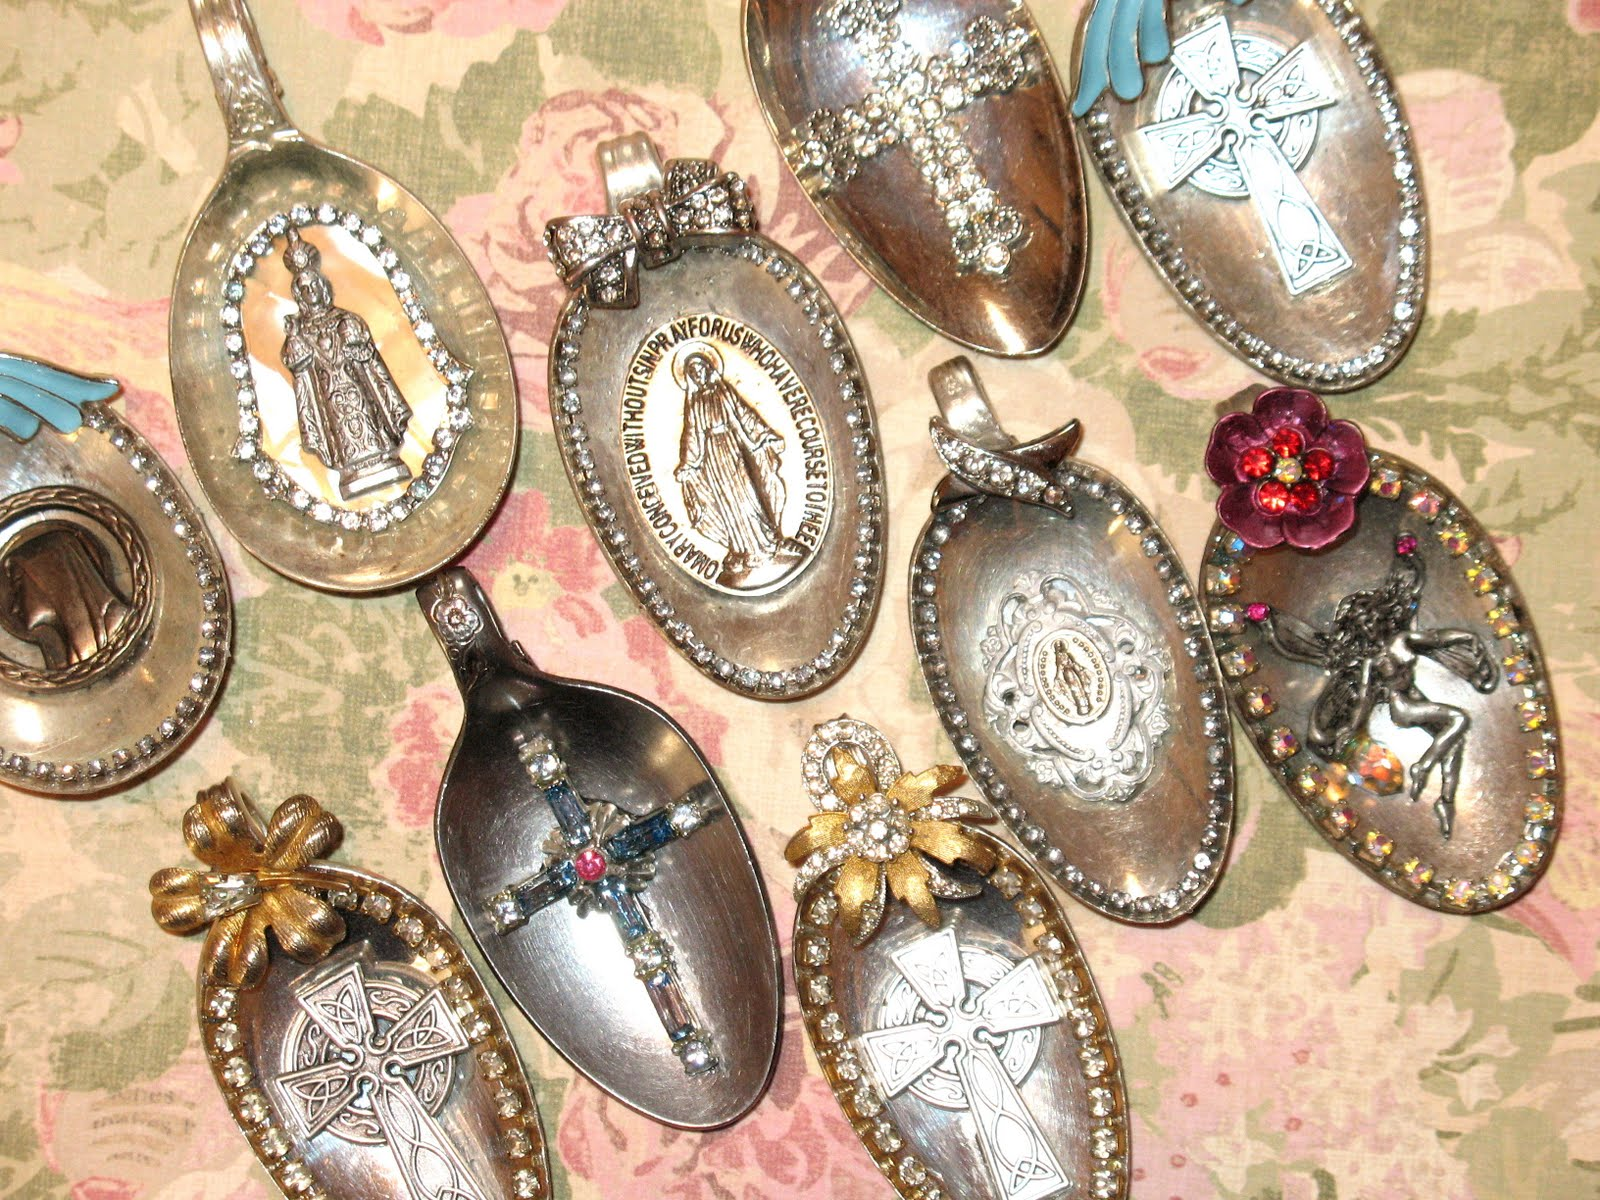 artsy fartsy spoon pendants